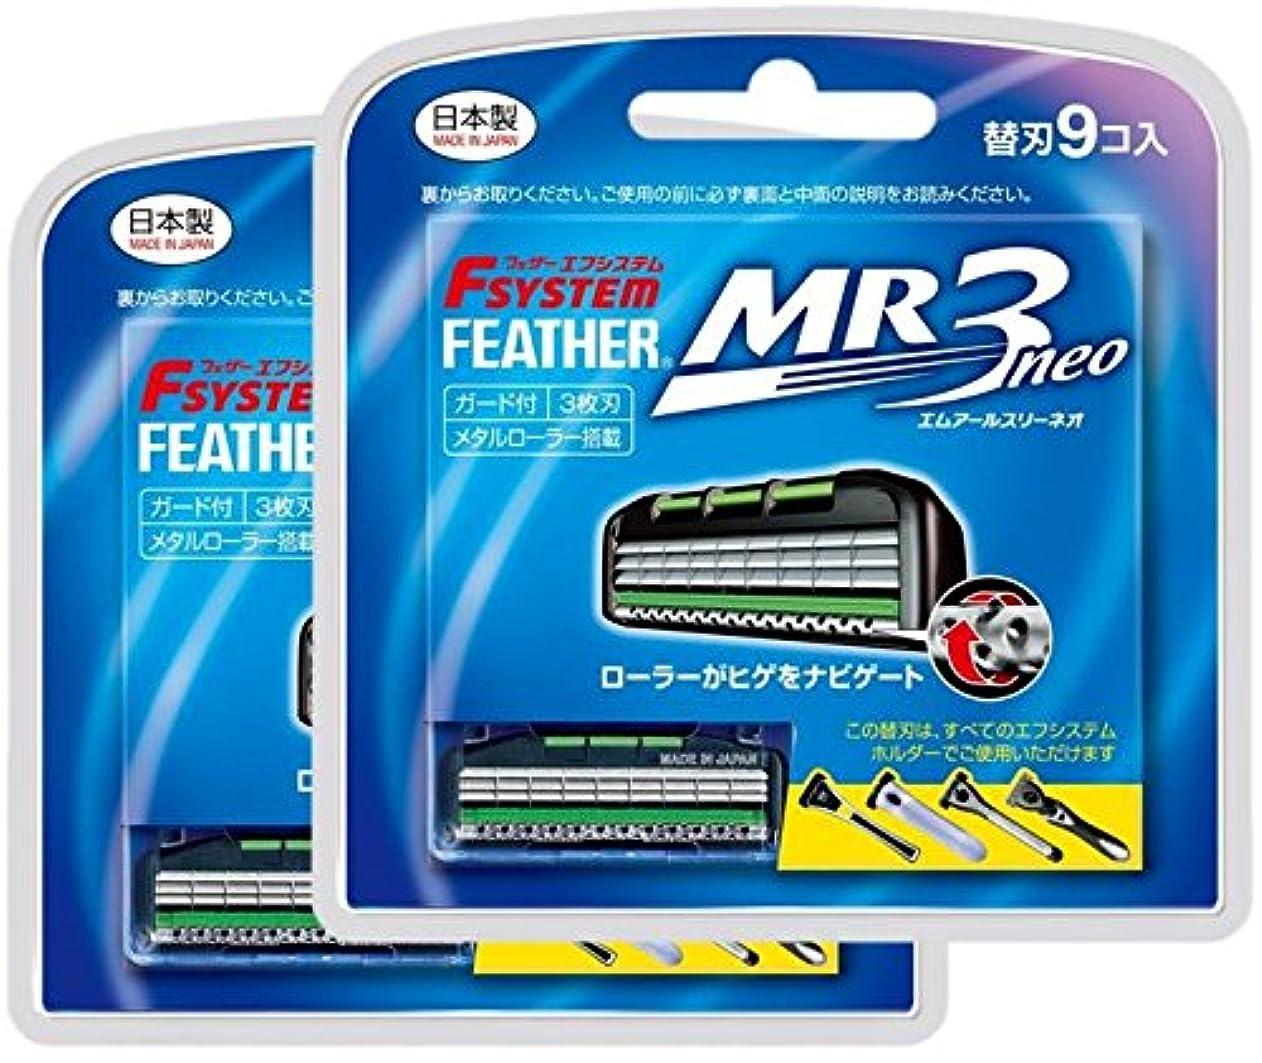 ハード仕事活性化フェザー エフシステム 替刃 MR3ネオ 9コ入×2個セット